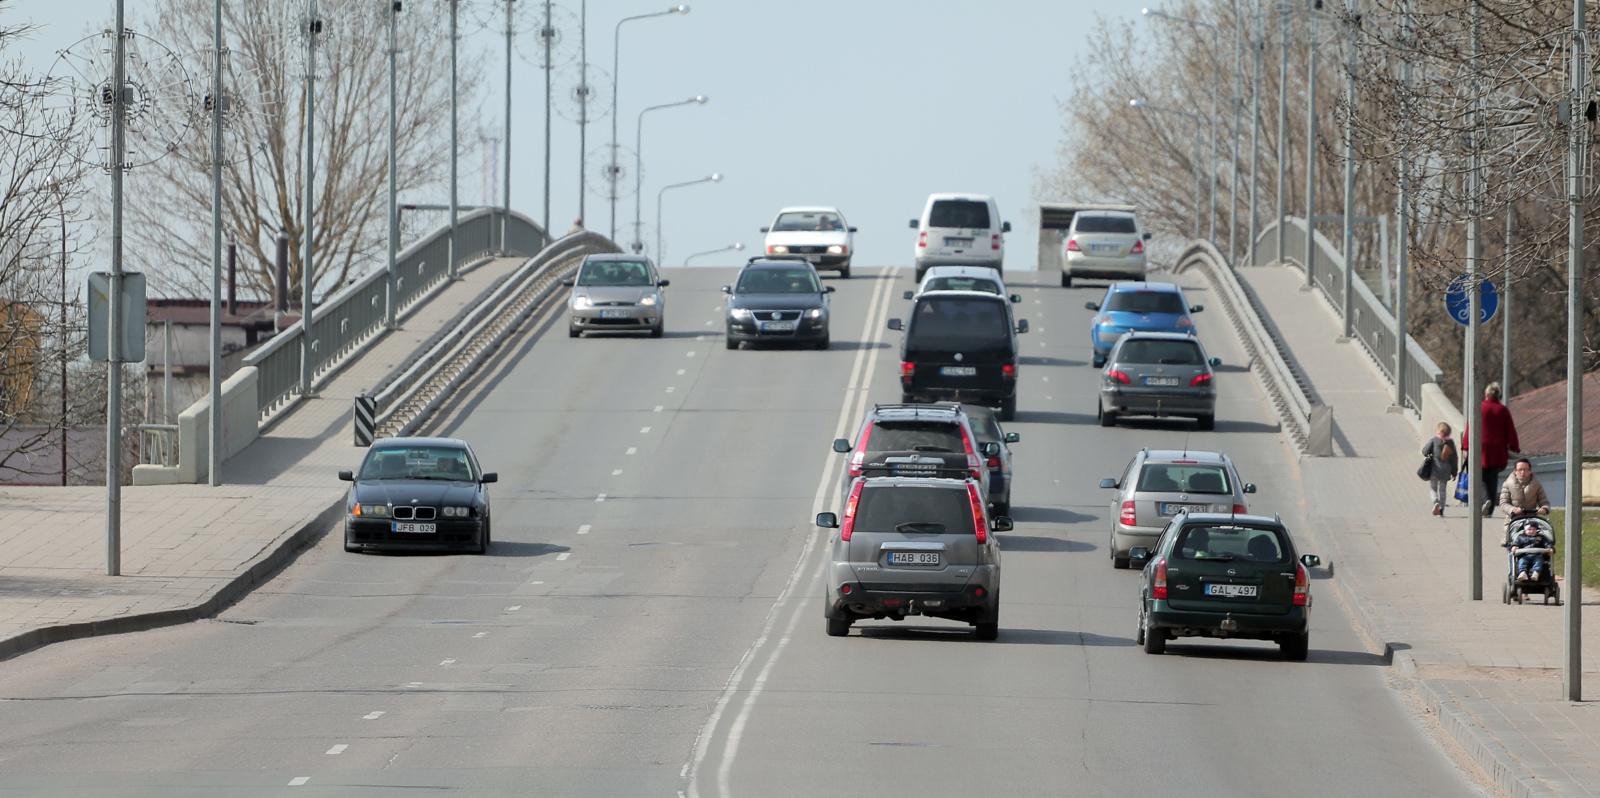 Savaitgalį Lietuvos keliuose žuvo 4 žmonės, 30 sužeista